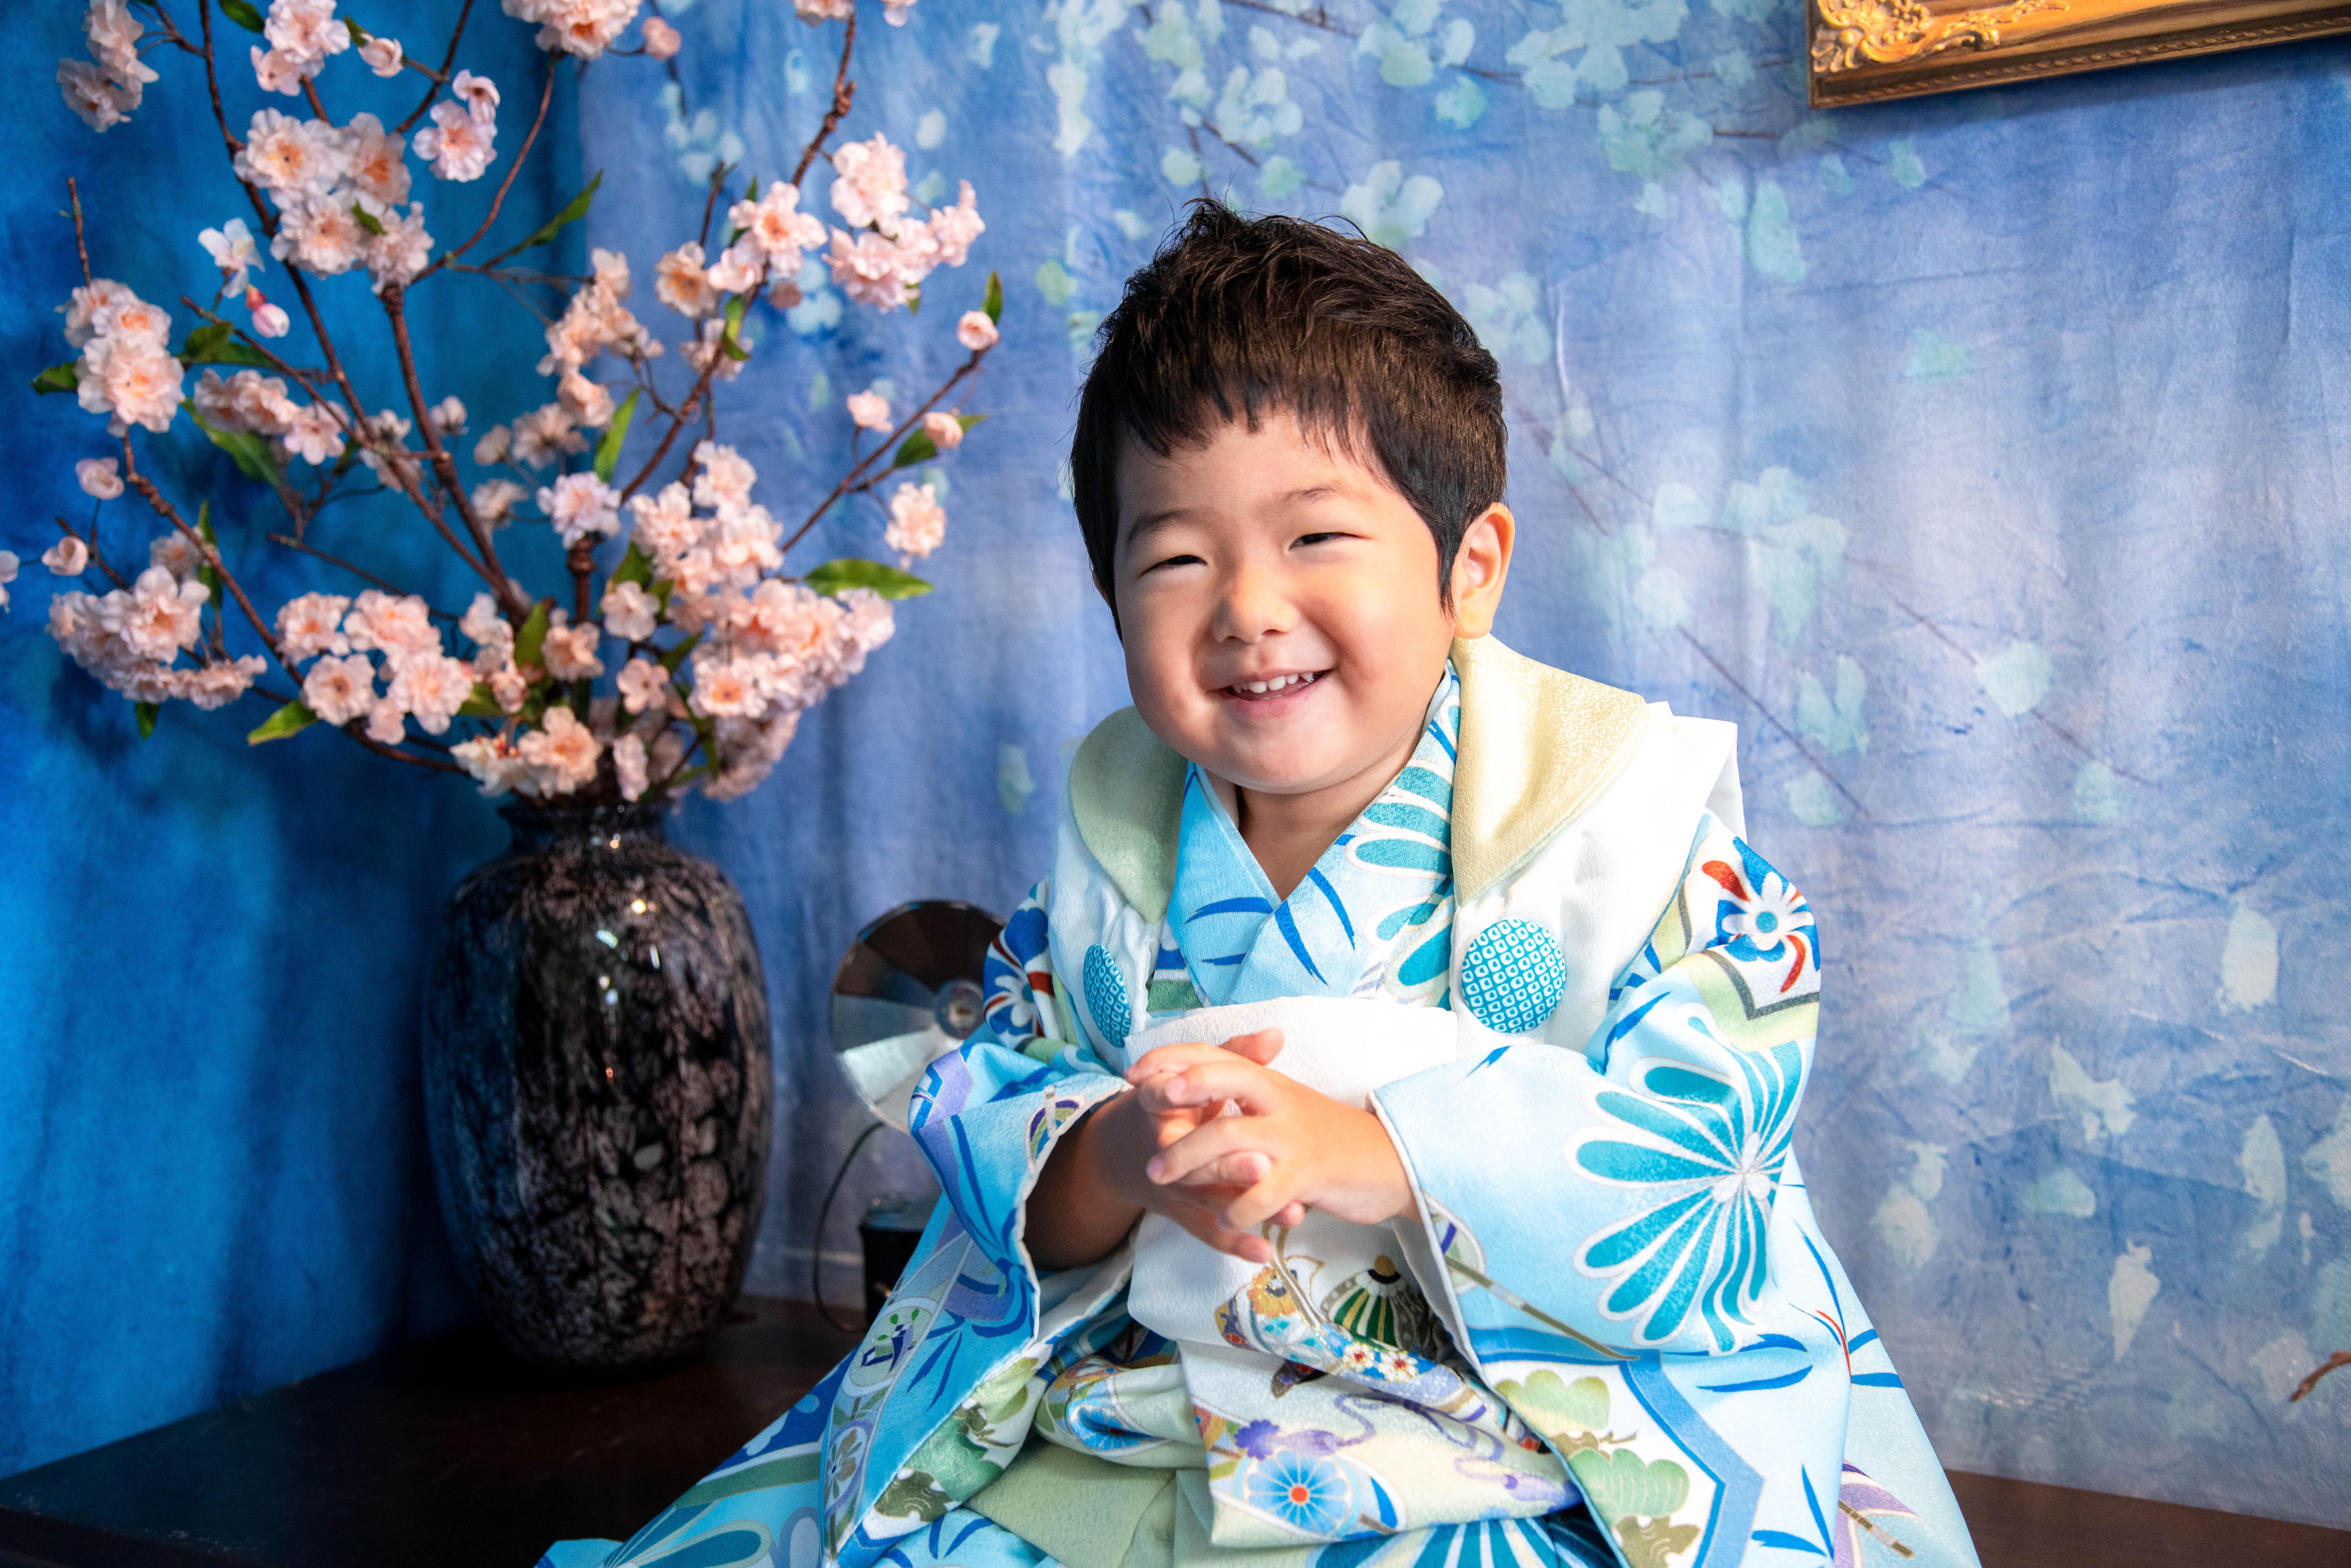 七五三の三歳男の子は川口蕨の鈴木写真スタヂオ